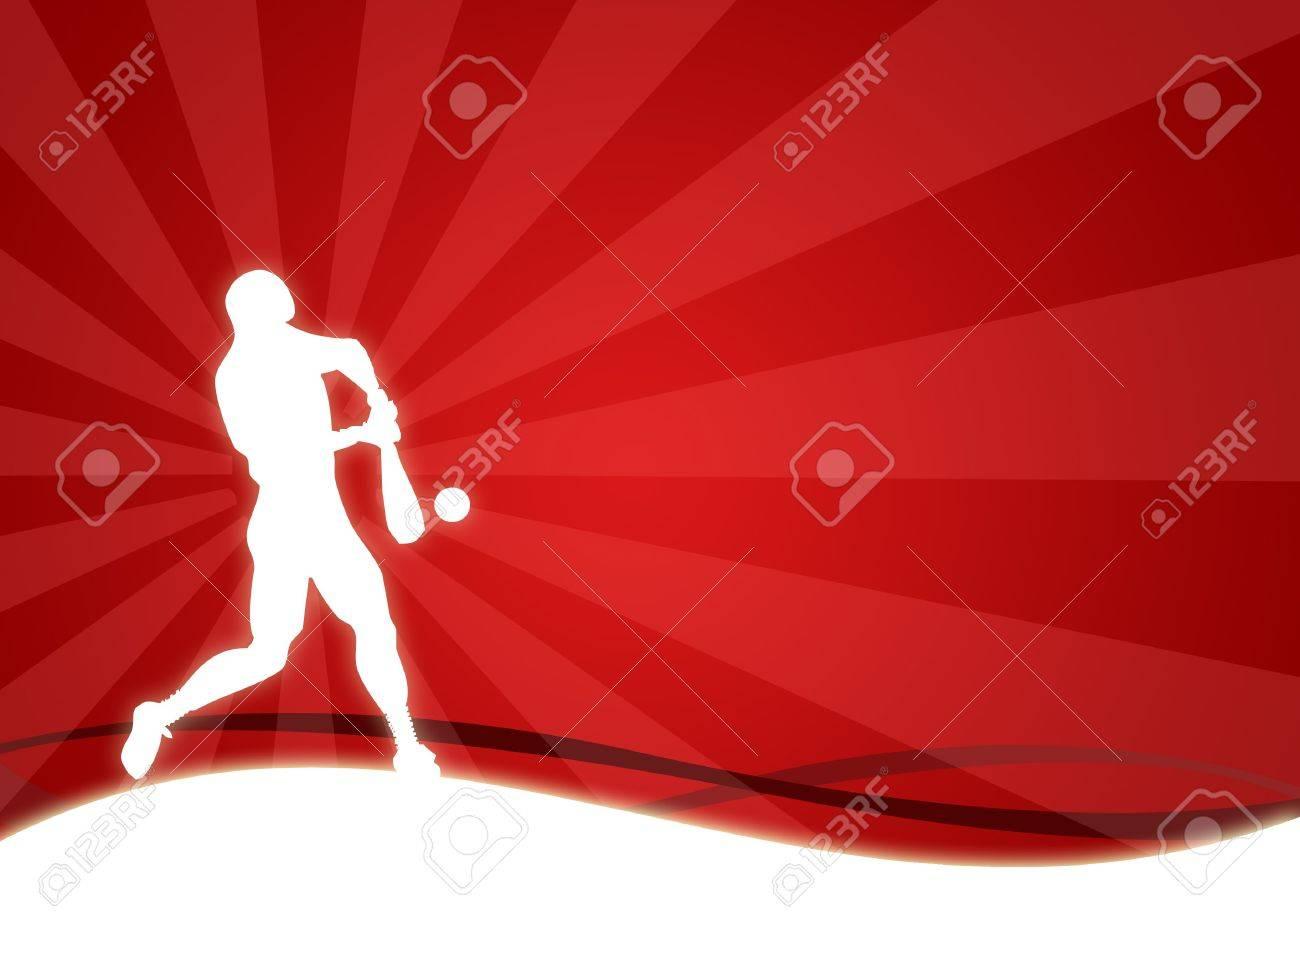 野球の男のシルエットの壁紙の背景 の写真素材 画像素材 Image 2875335